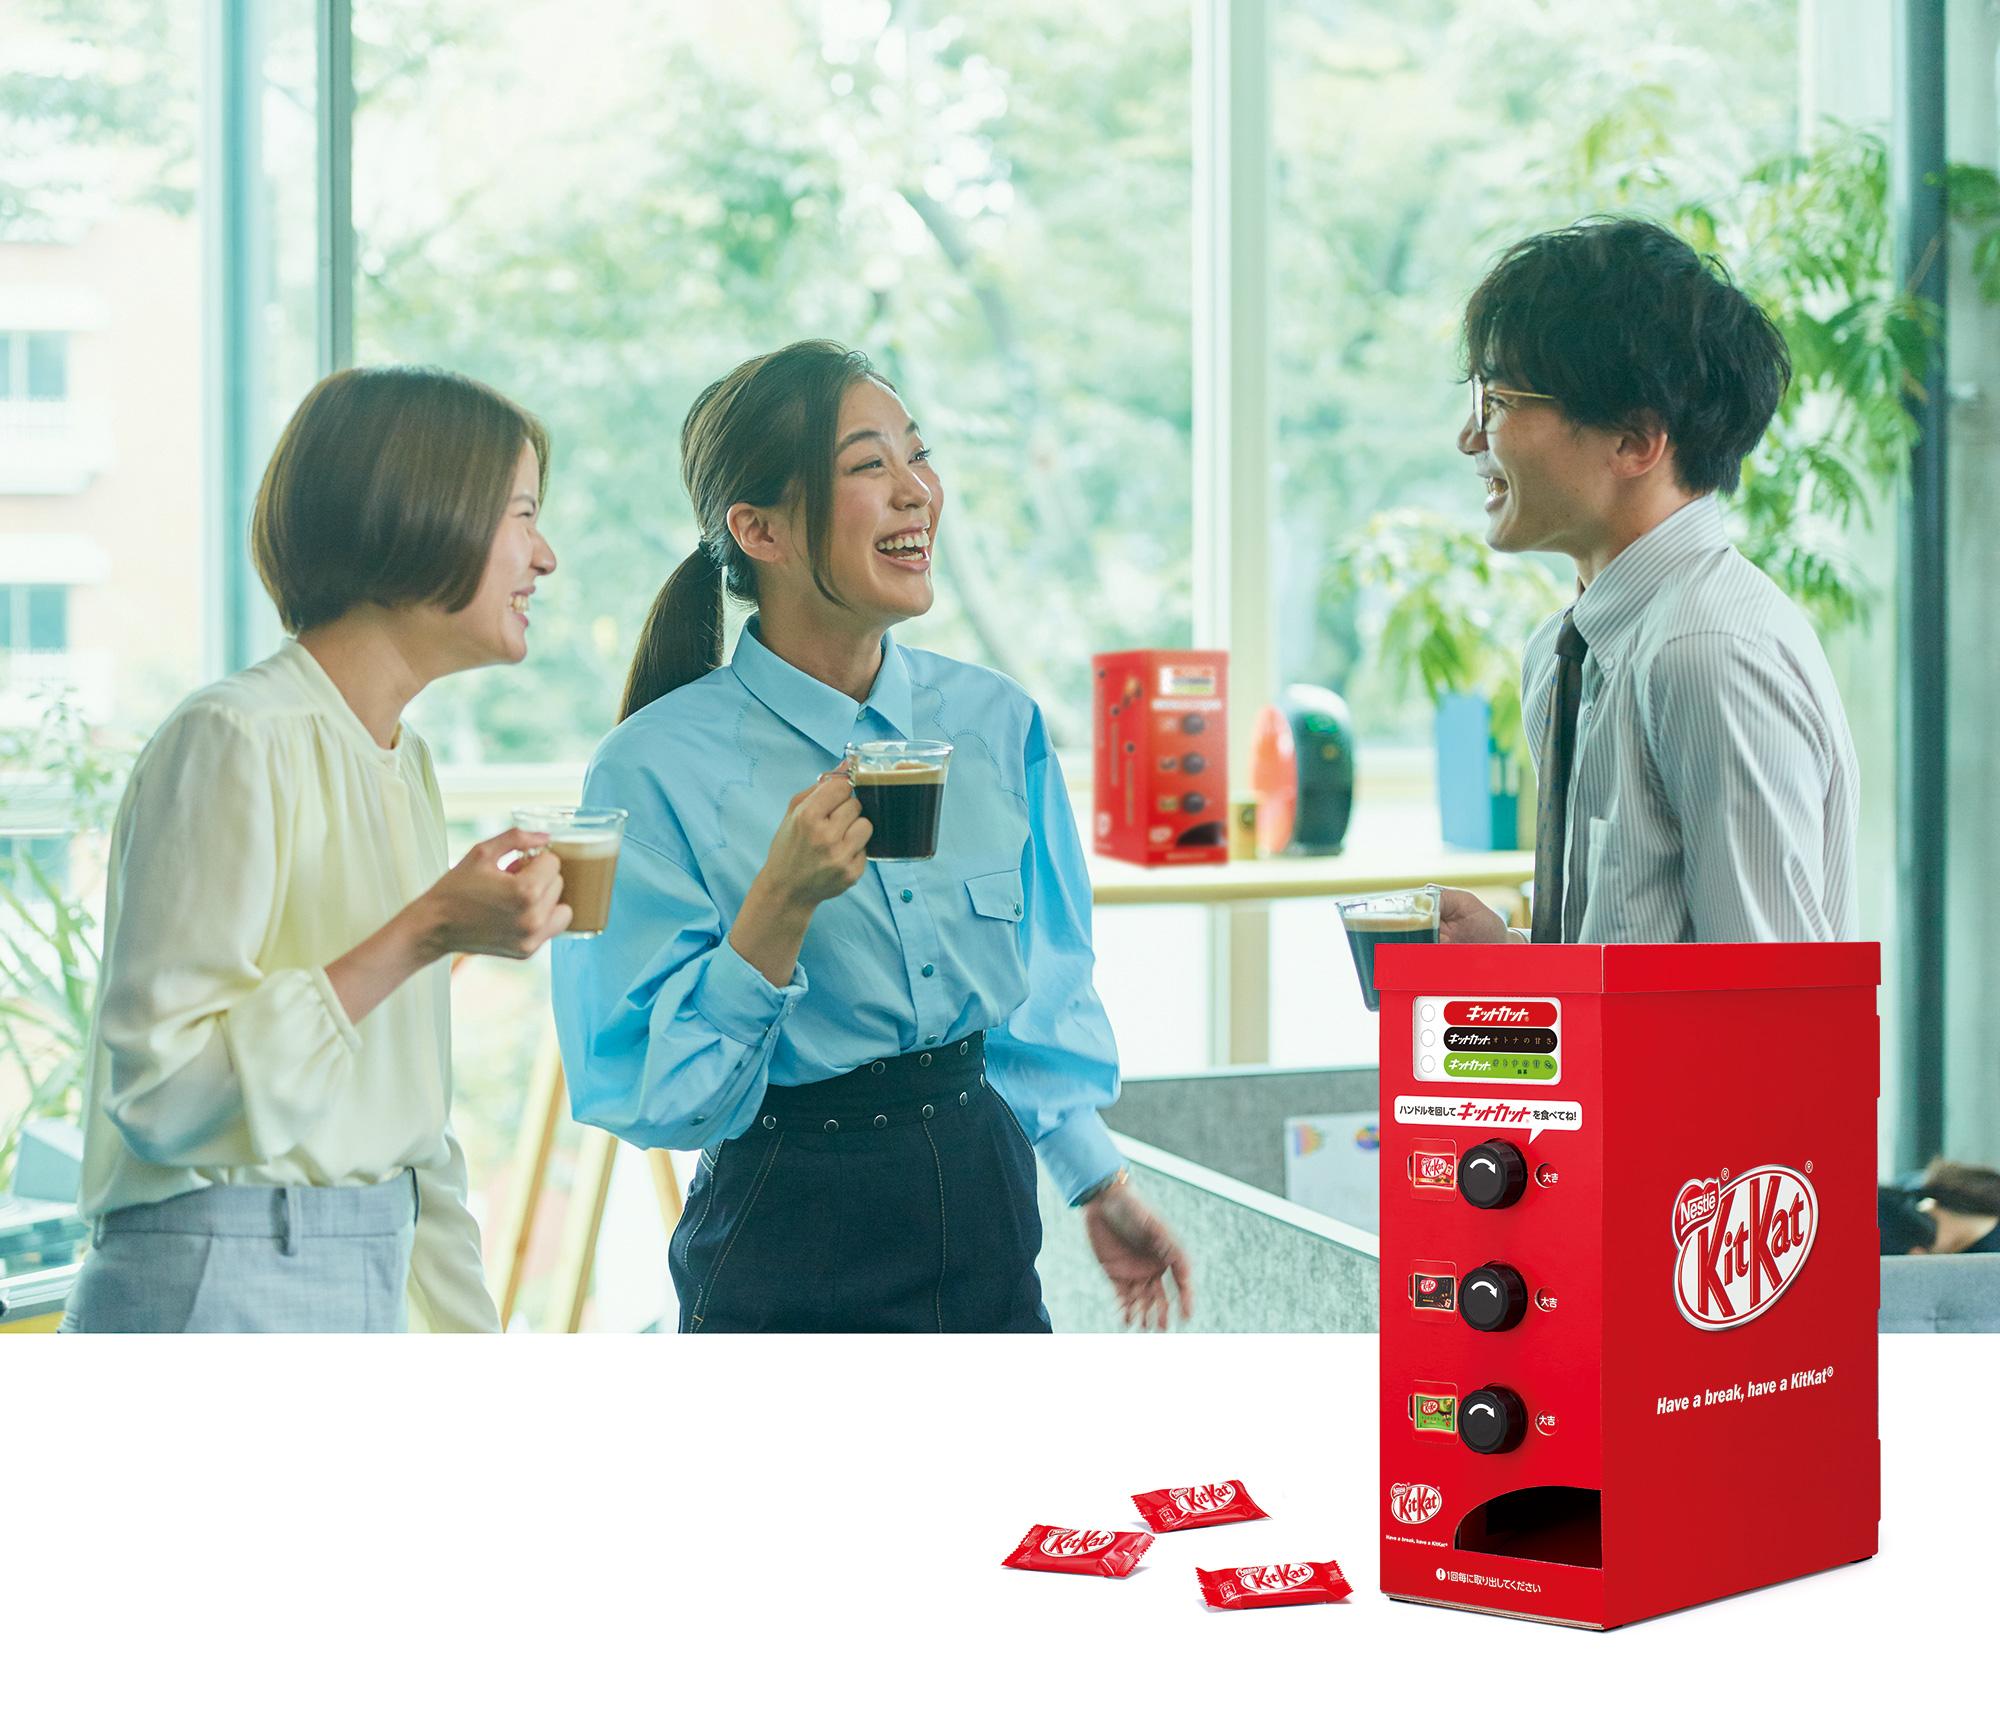 【ネスレ日本様】IoT x オフィスコミュニケーション の先進事例として、IoTネットワーク「Sigfox」を活用した国内初のオフィス 向け商用サービスの実現を支援しました